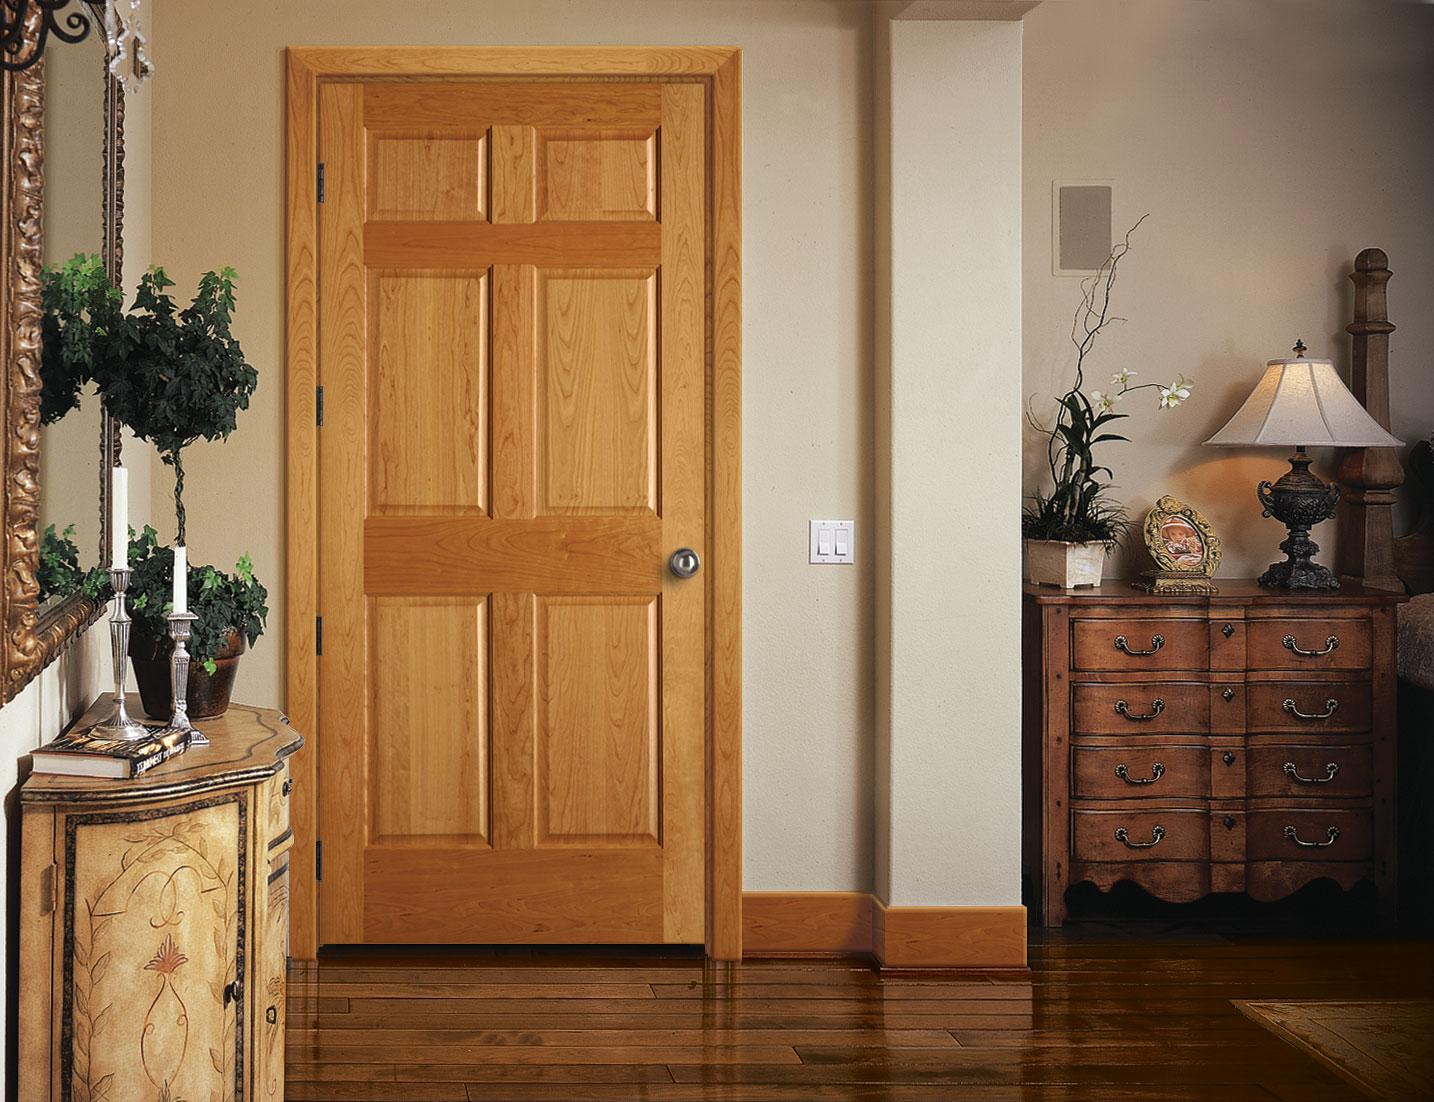 cửa gỗ tự nhiên, cửa gỗ tự nhiên đẹp, cửa gỗ tự nhiên cao cấp, cửa gỗ tự nhiên giá rẻ, cửa gỗ tự nhiên nhập khẩu